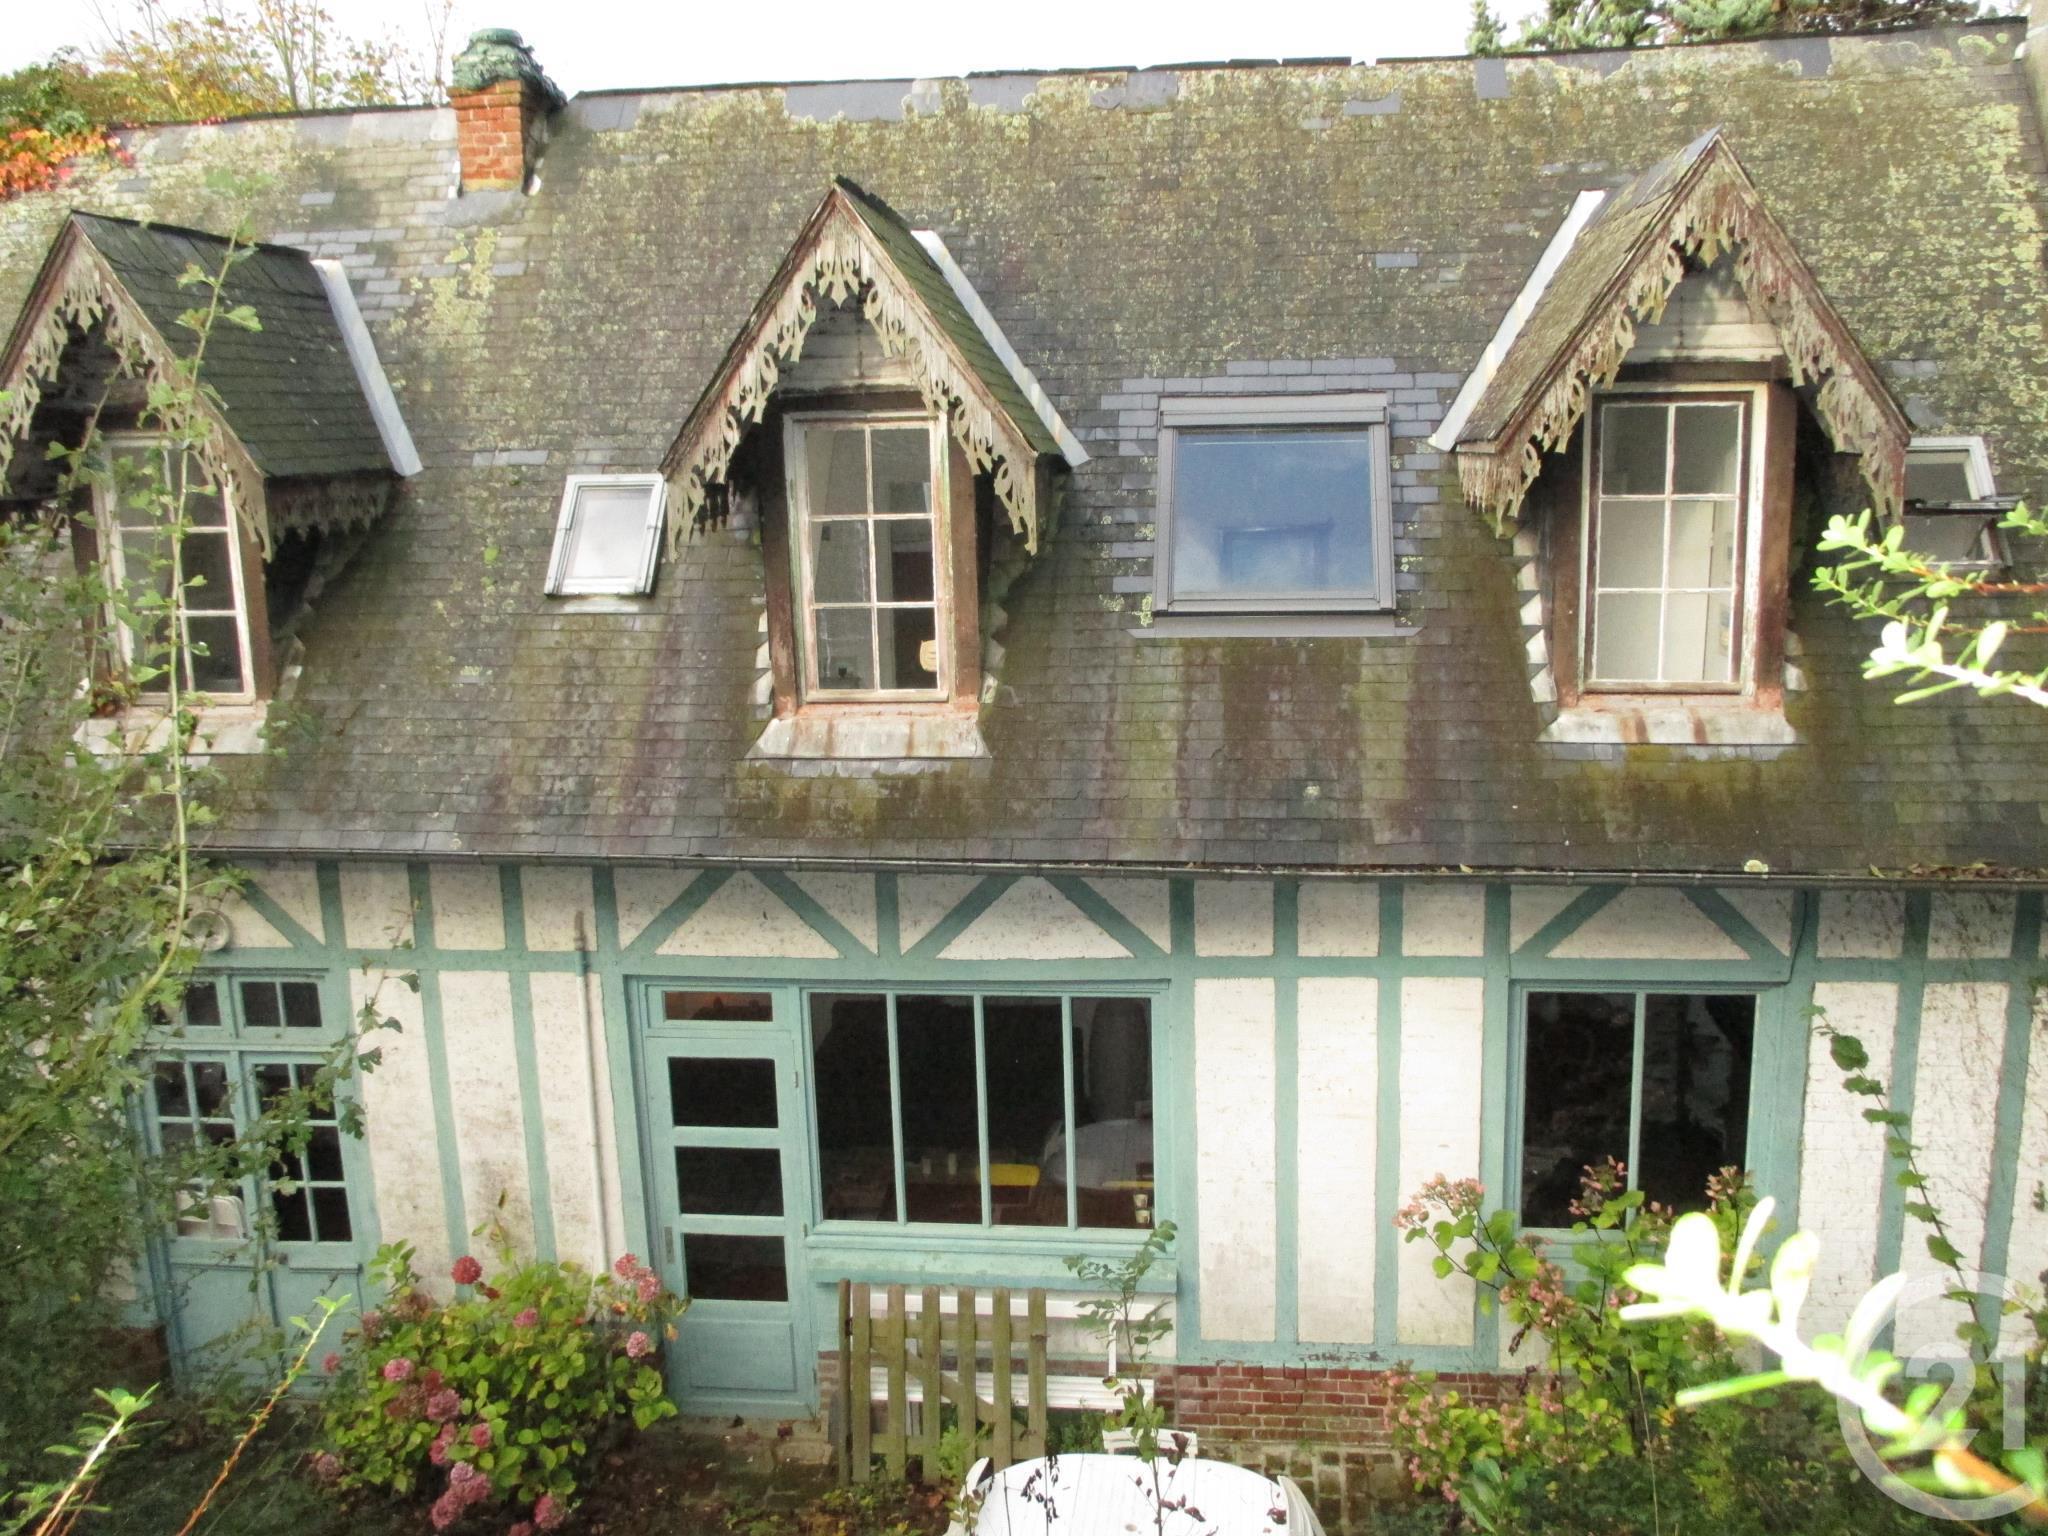 Les grandes maisons stunning acheter une maison la for Acheter une maison en suisse